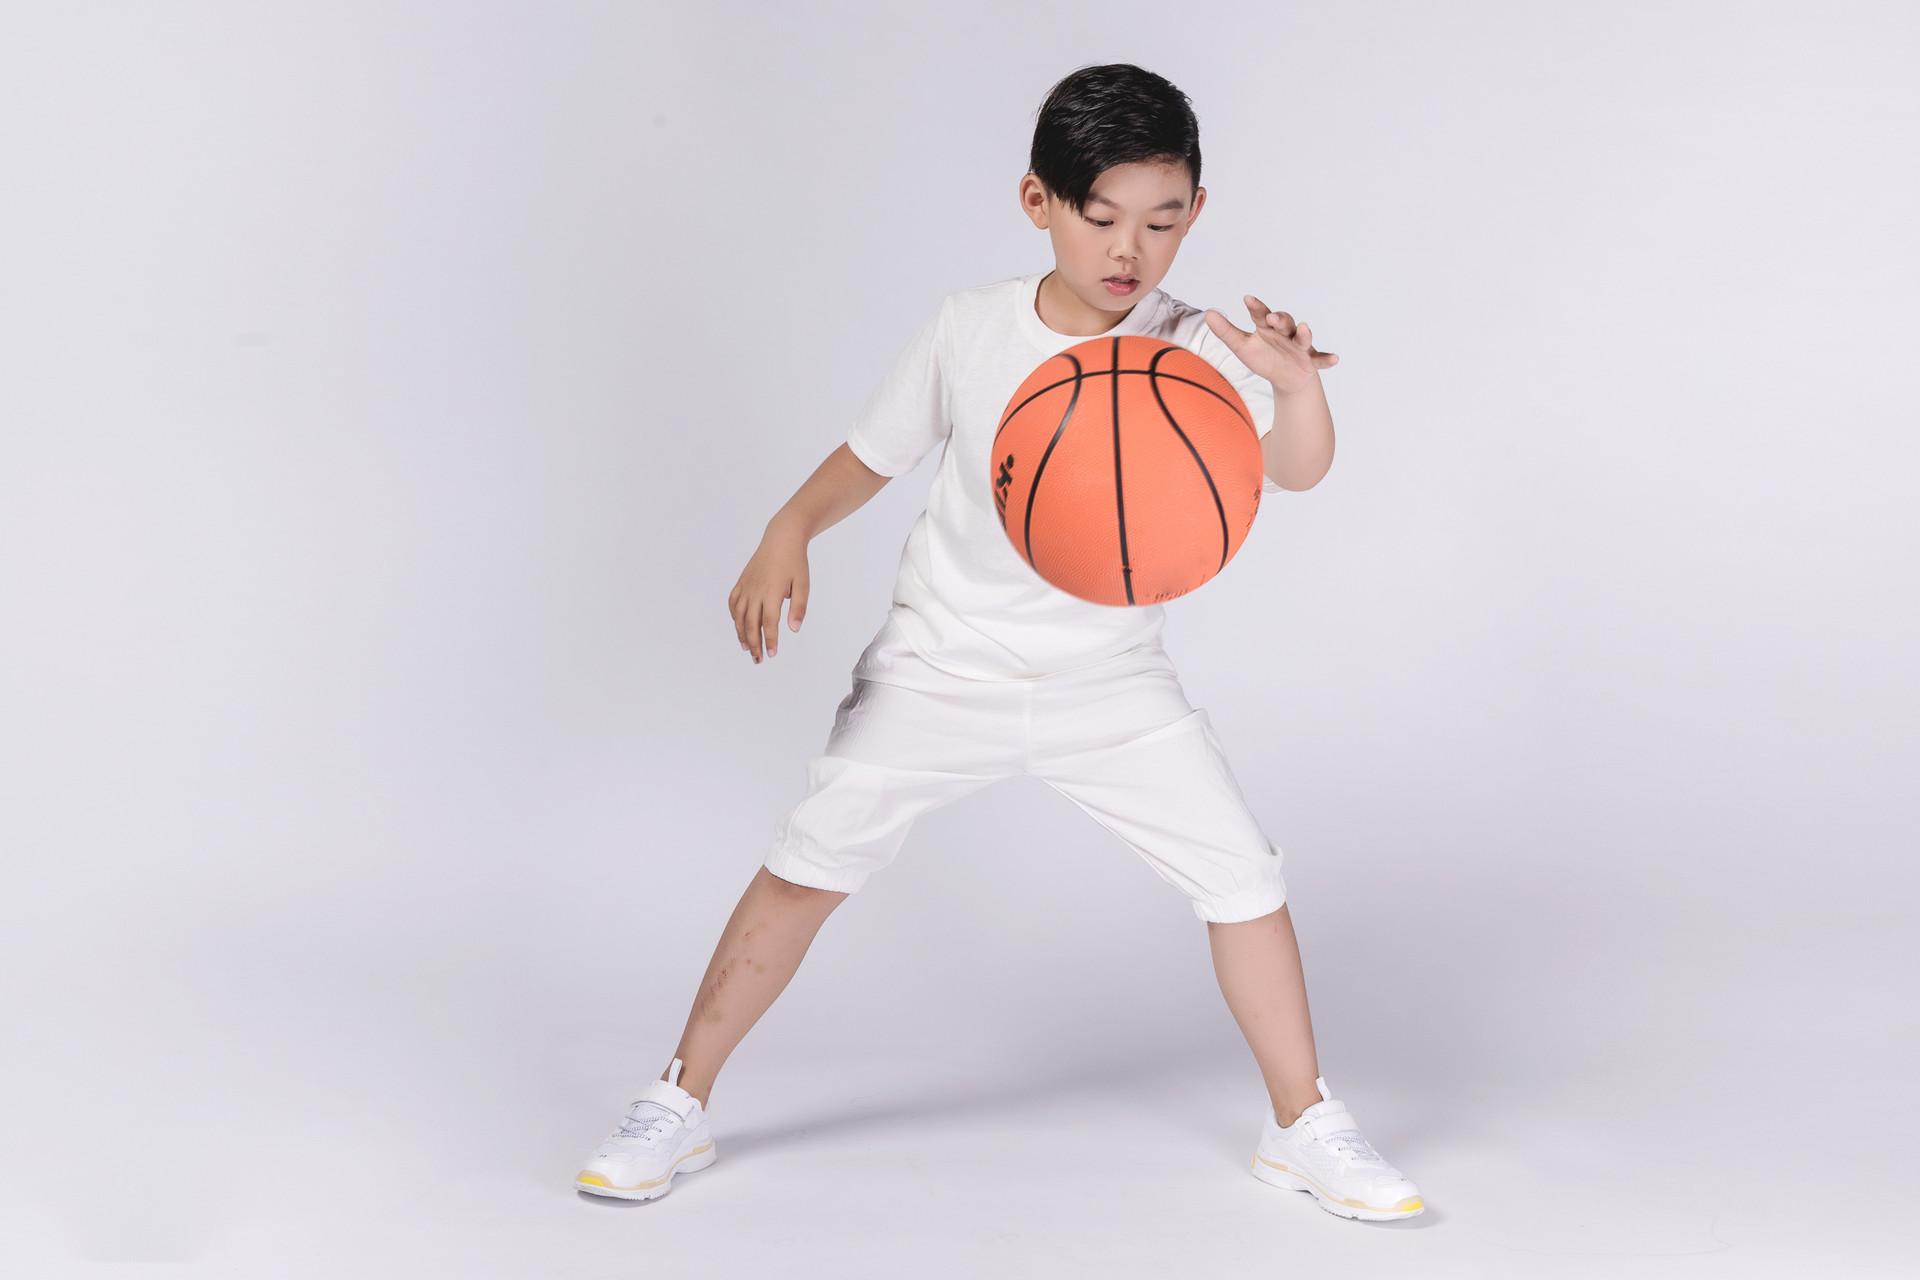 呼和浩特青少年篮球培训如何